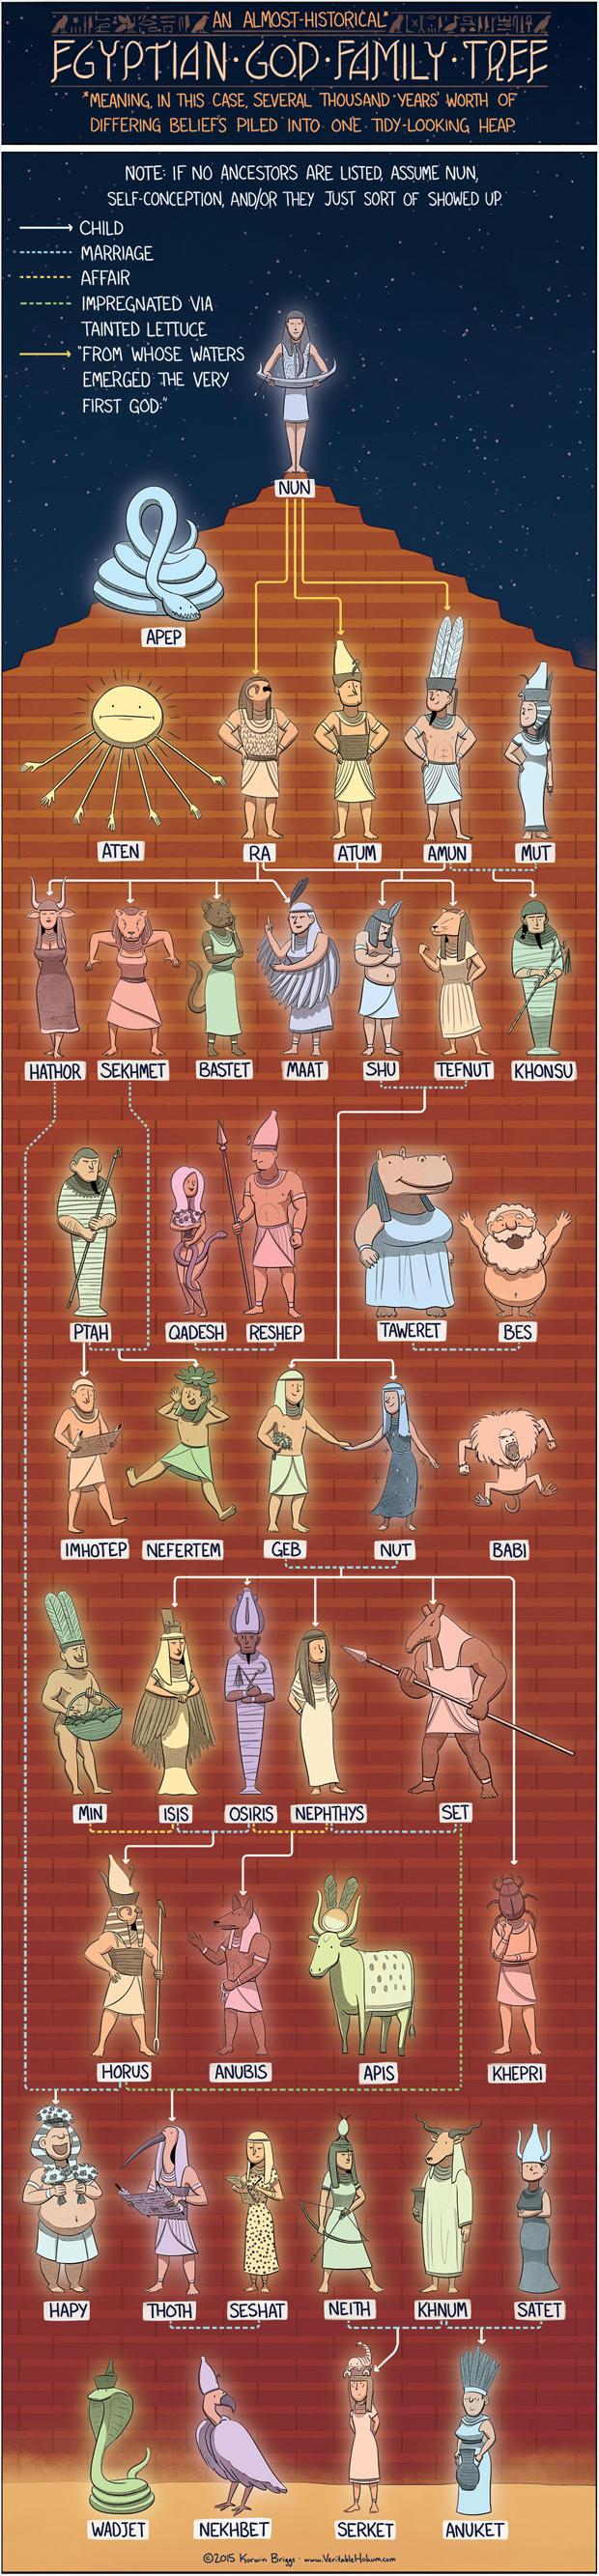 egyptian mythological tree